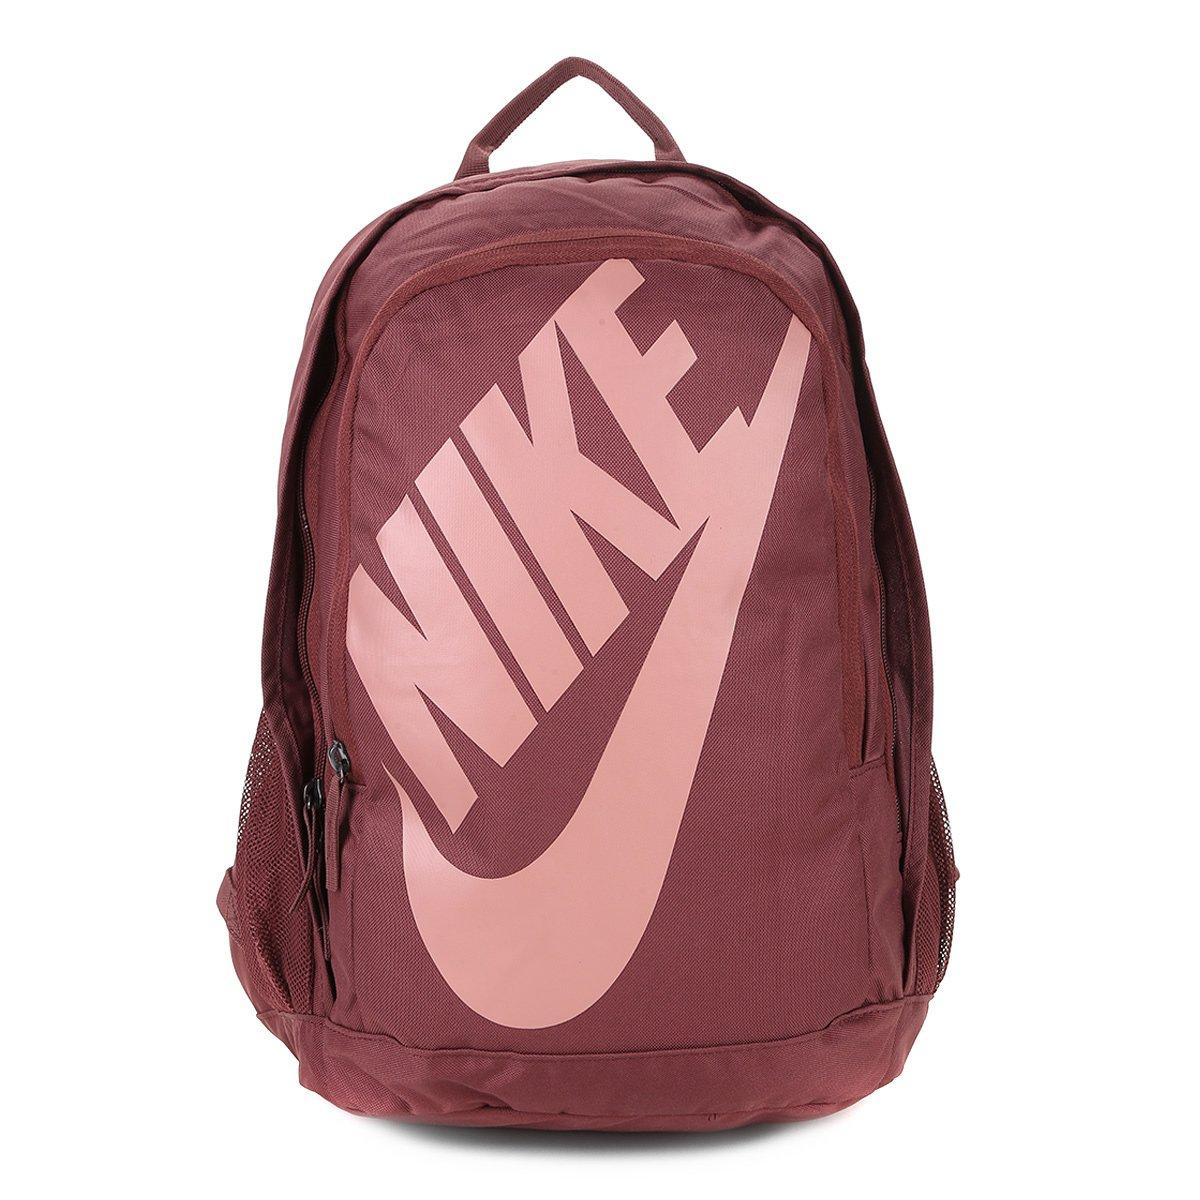 fbbab8bab7080 Mochila Nike Hayward Futura 2.0 - Bordô - Compre Agora